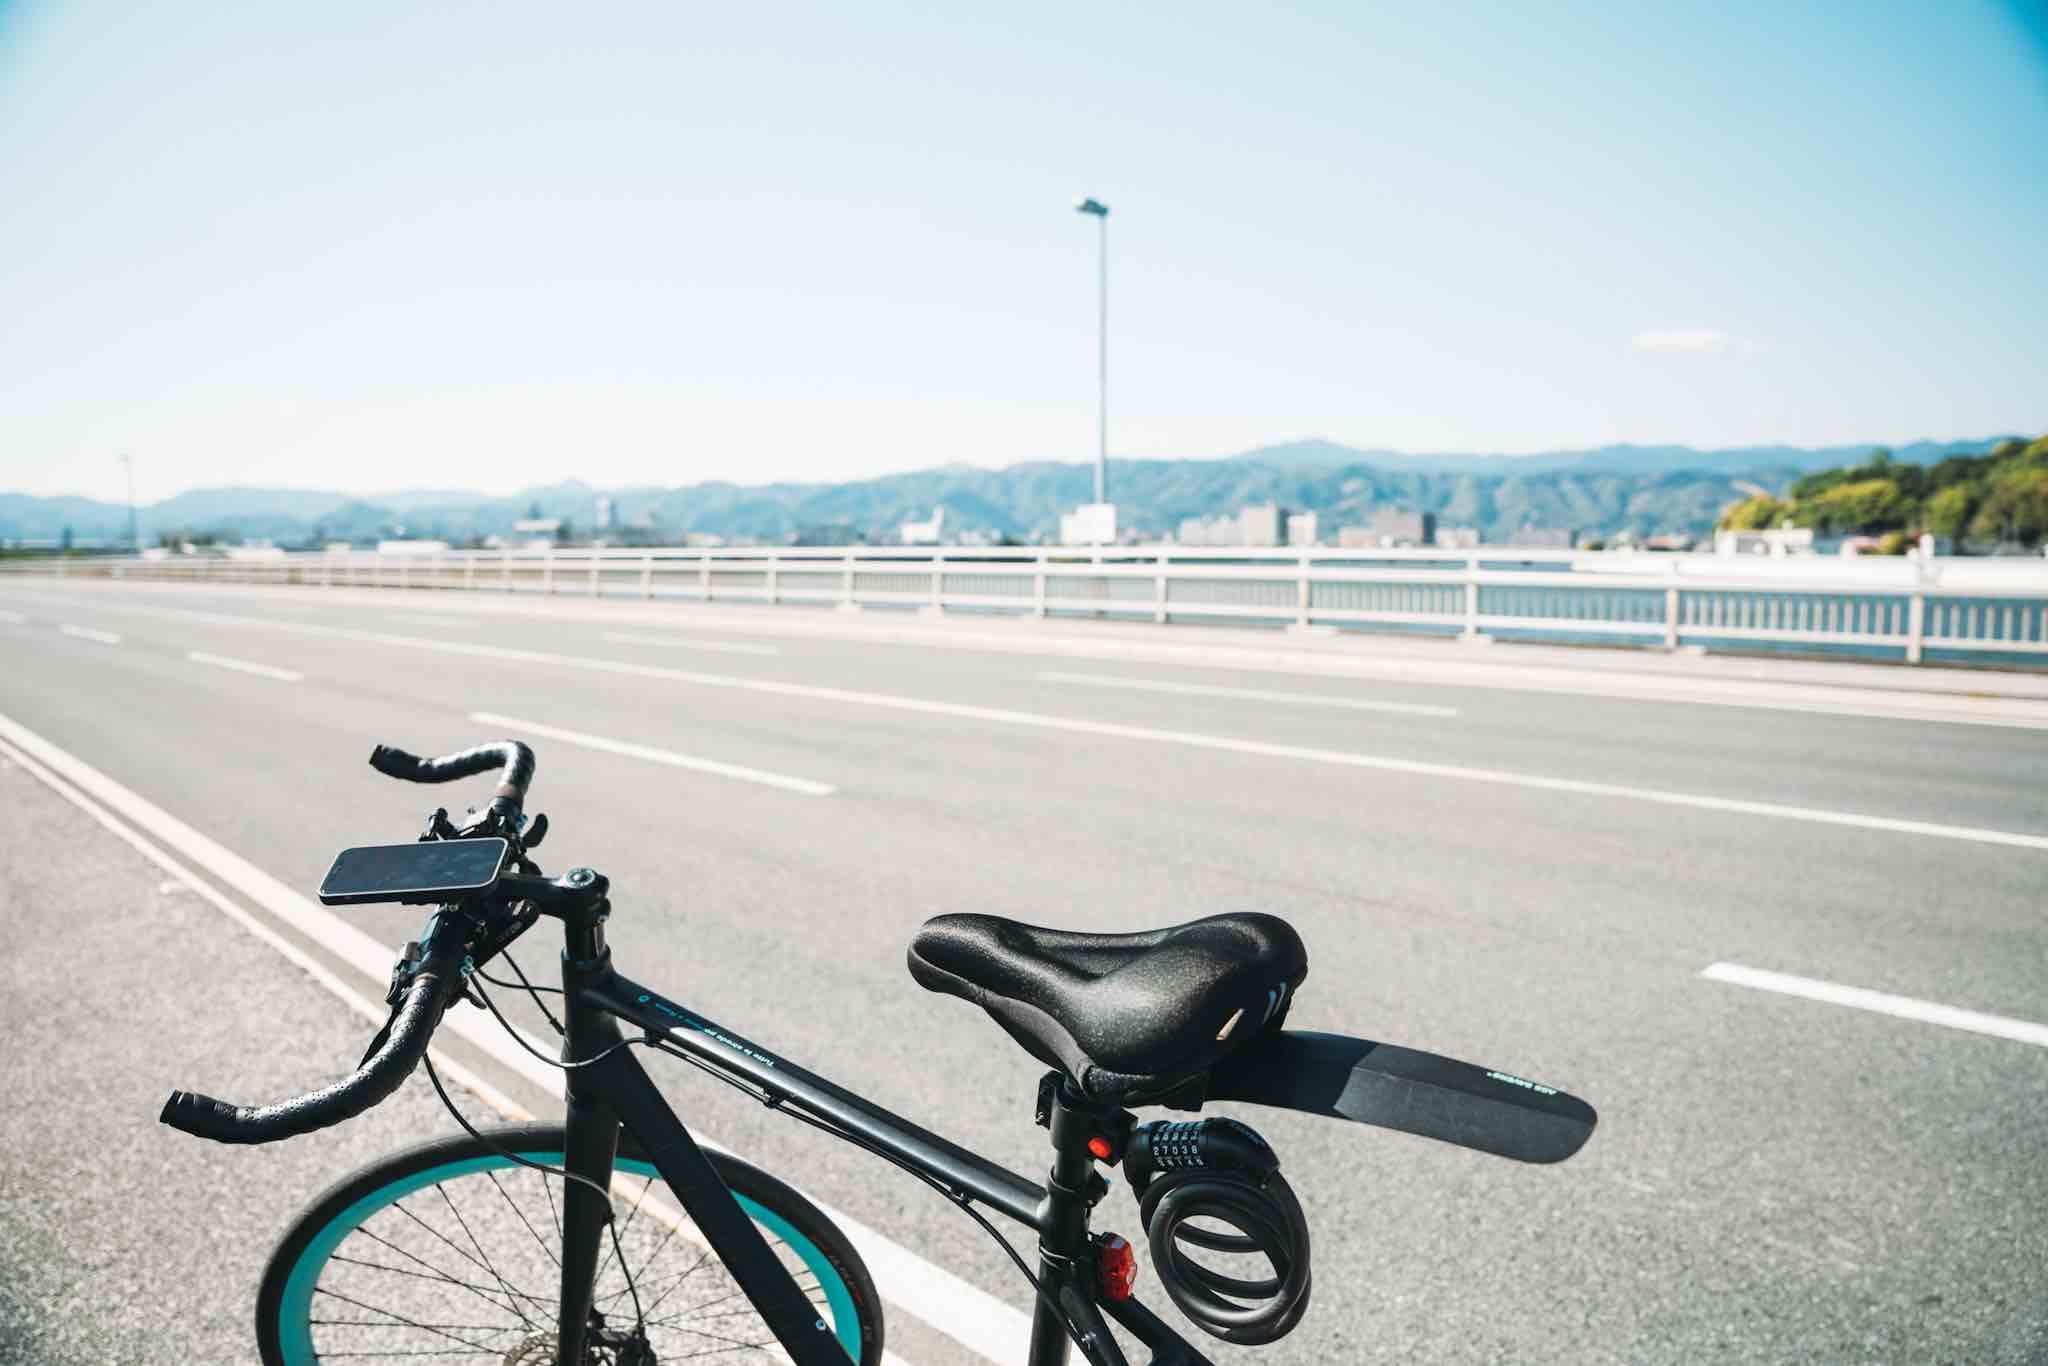 【ブルホーン化した結果】ロードバイクが欲しくなった